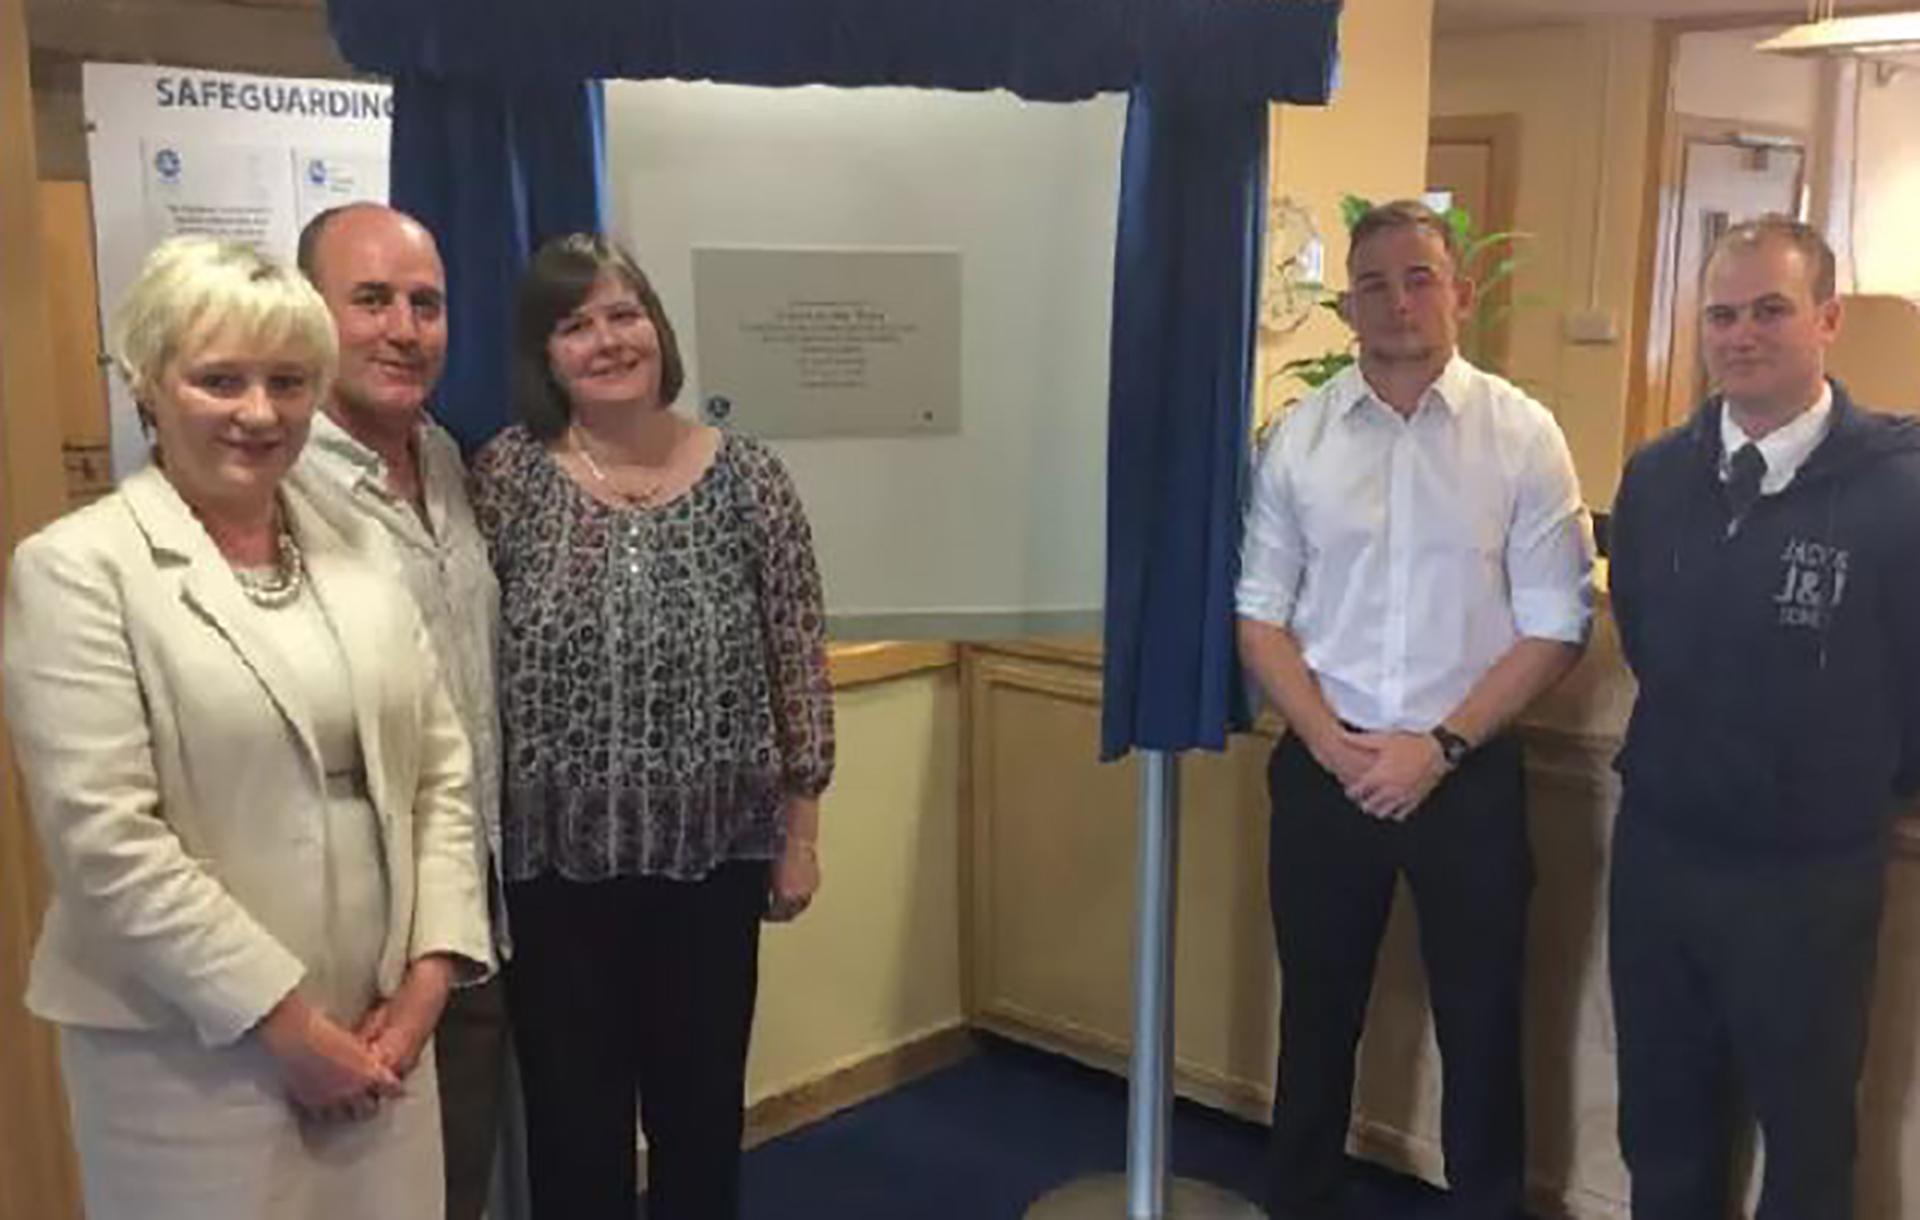 Susan Fleming (centro) en el homenaje que le hicieron a su hermano en la Lodge Park Academy, en la ciudad de Corby, donde estudió